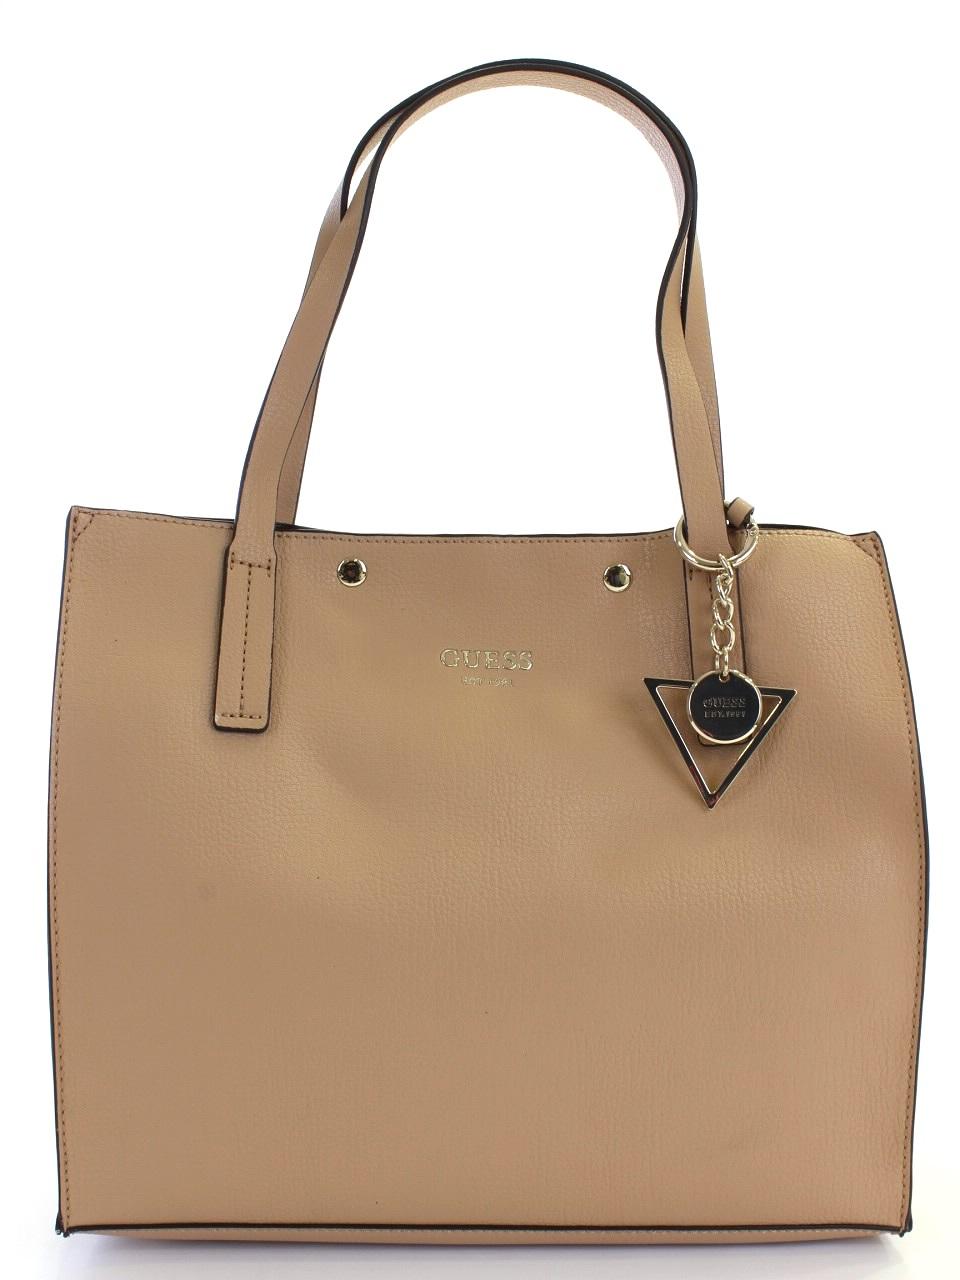 Handbags Guess - 465 HVVG67 78230